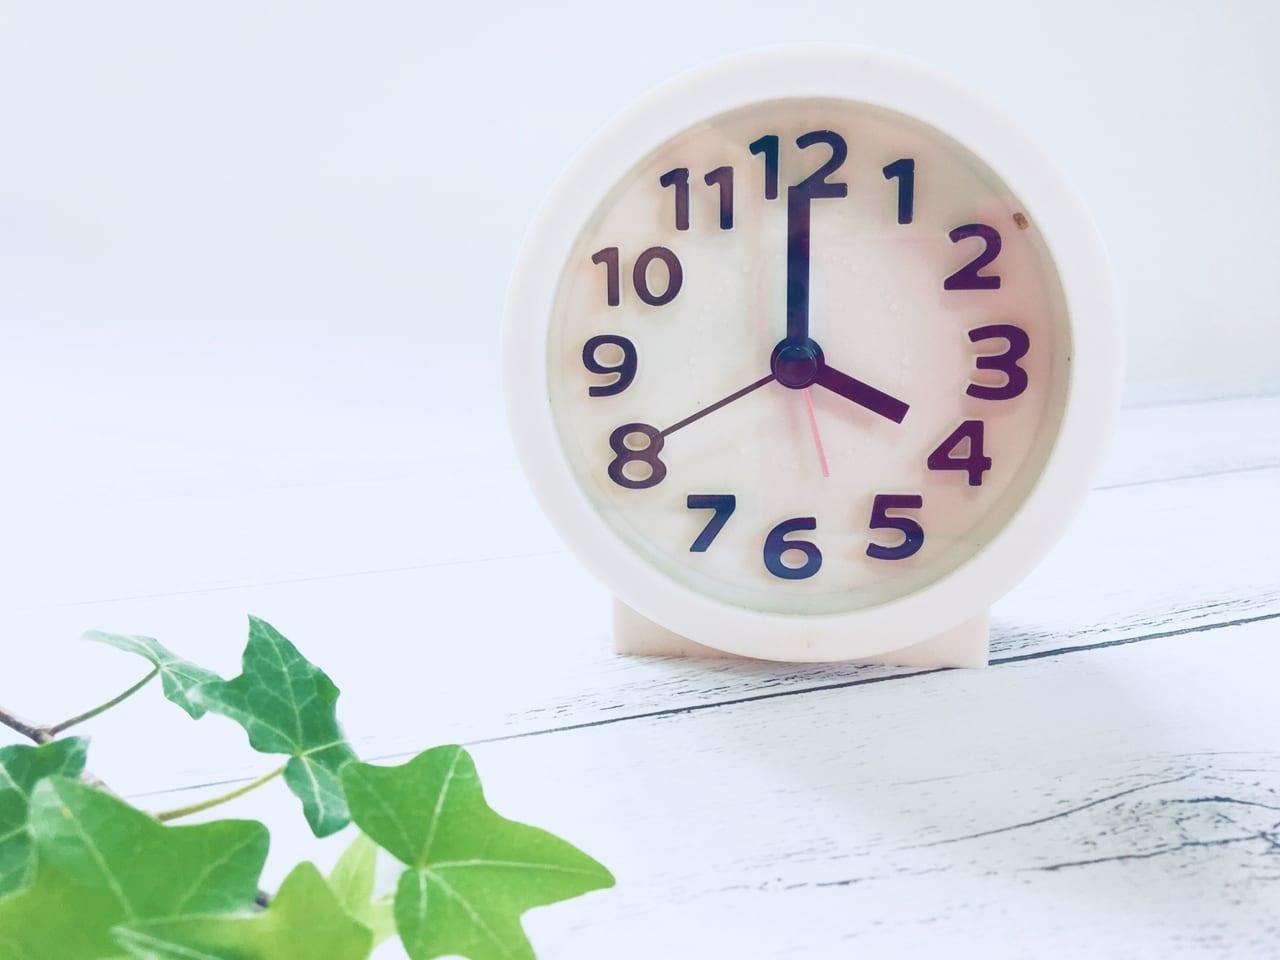 4時を指す時計